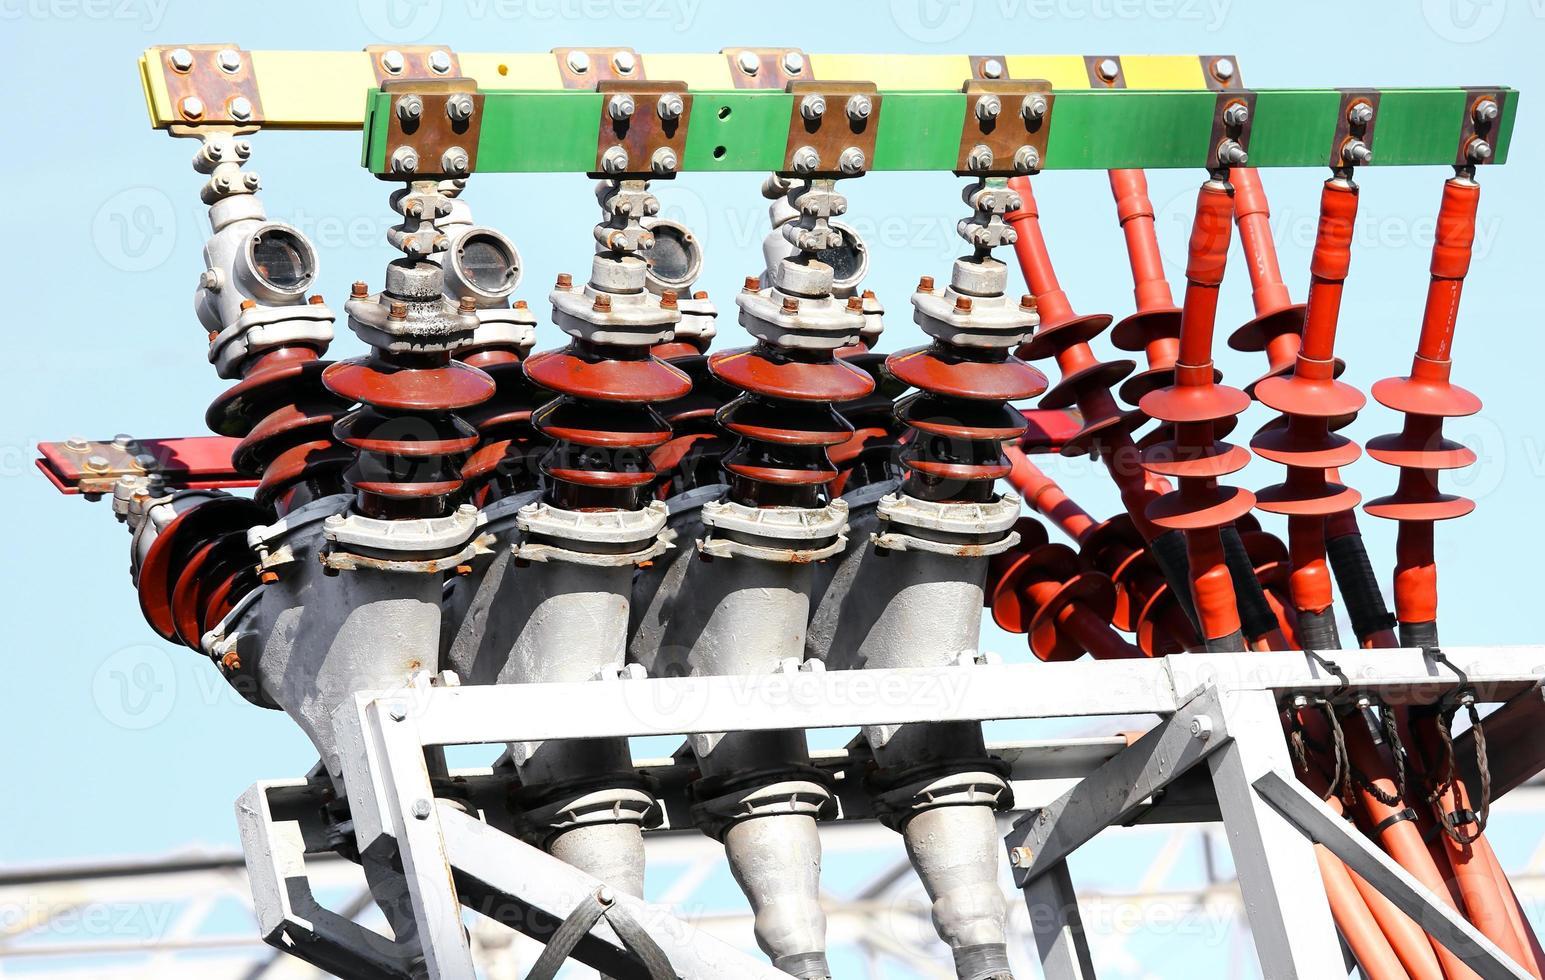 elektrische koperen terminals van een energiecentrale foto